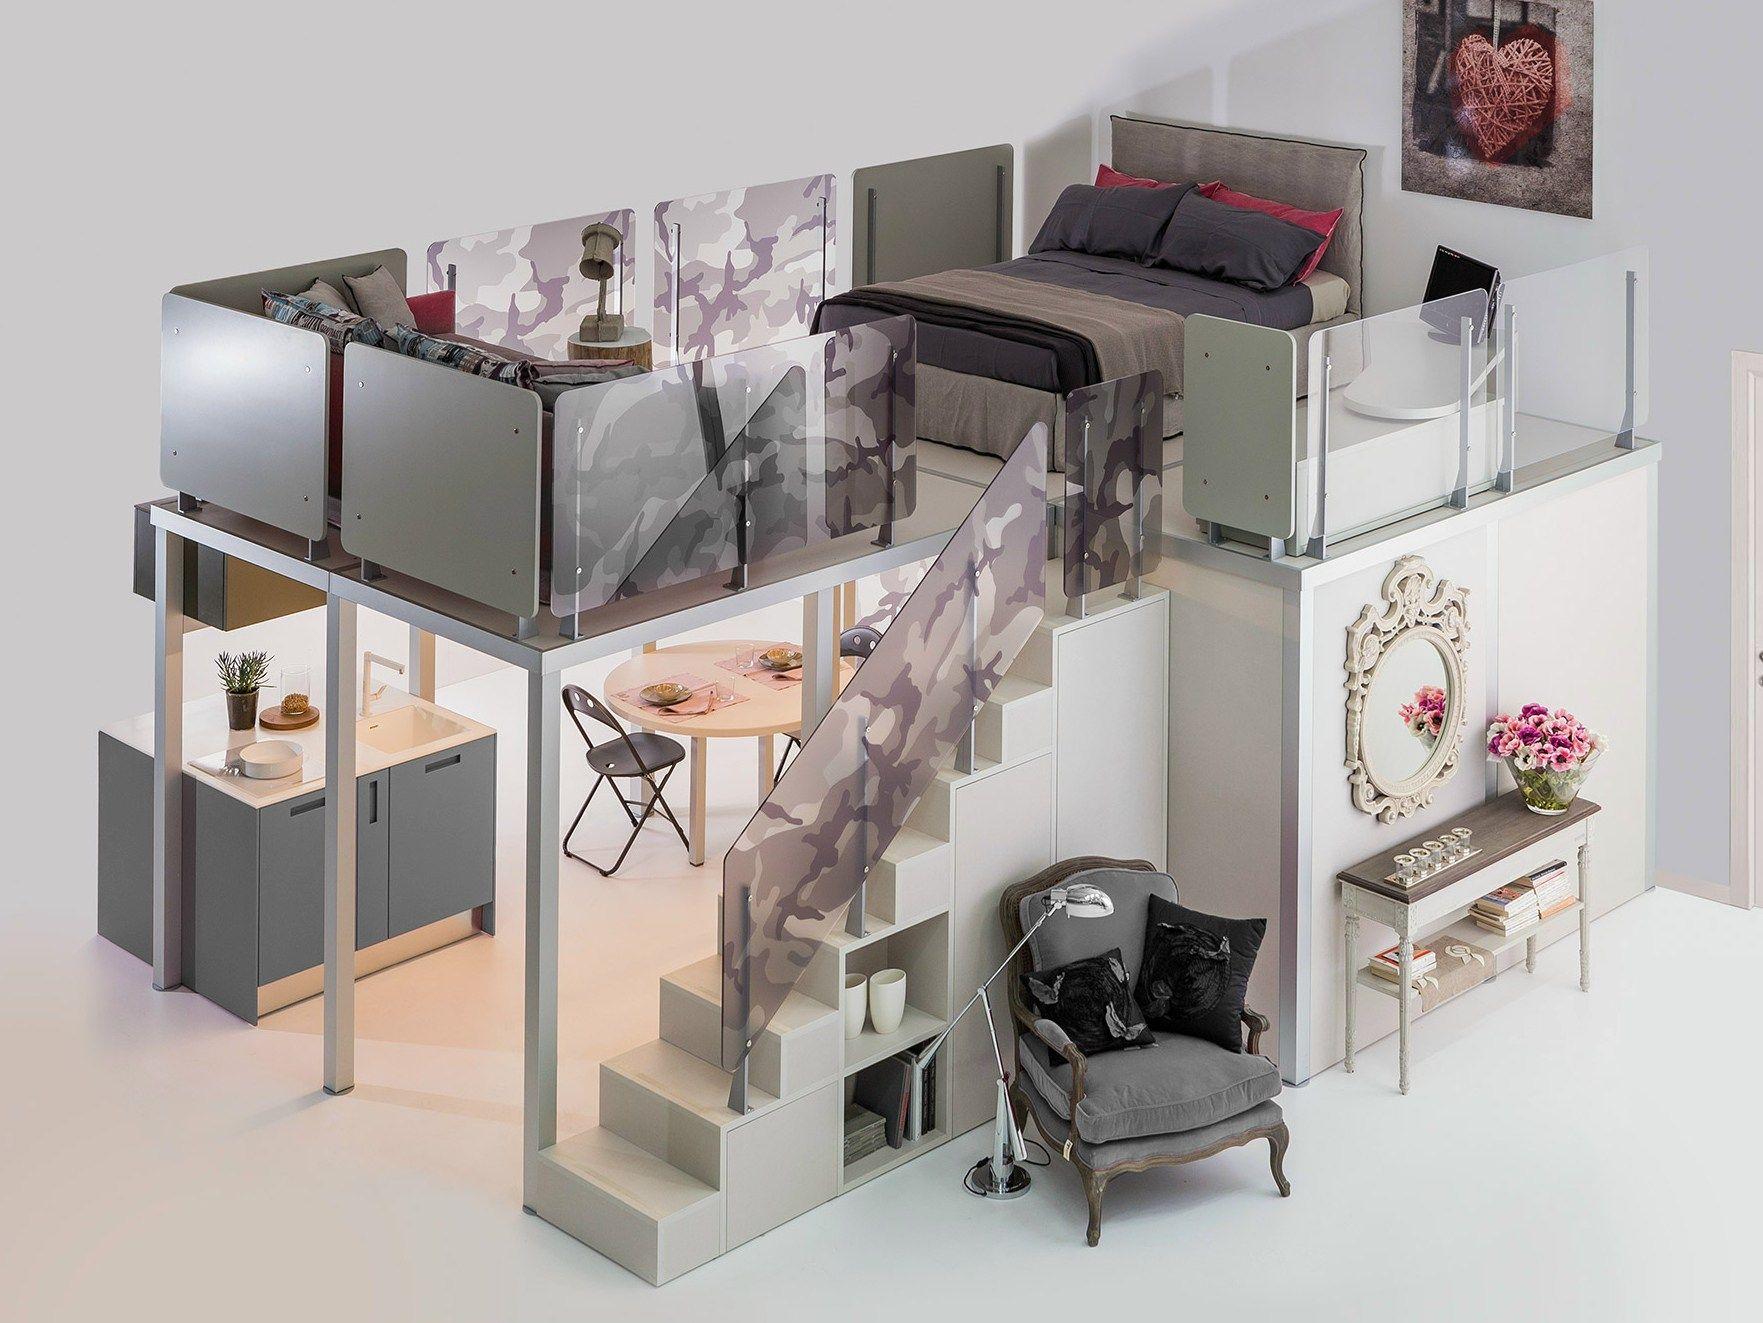 Sectional furnishing systems primopiano PRIMOPIANO By TUMIDEI design  Marelli e Molteni